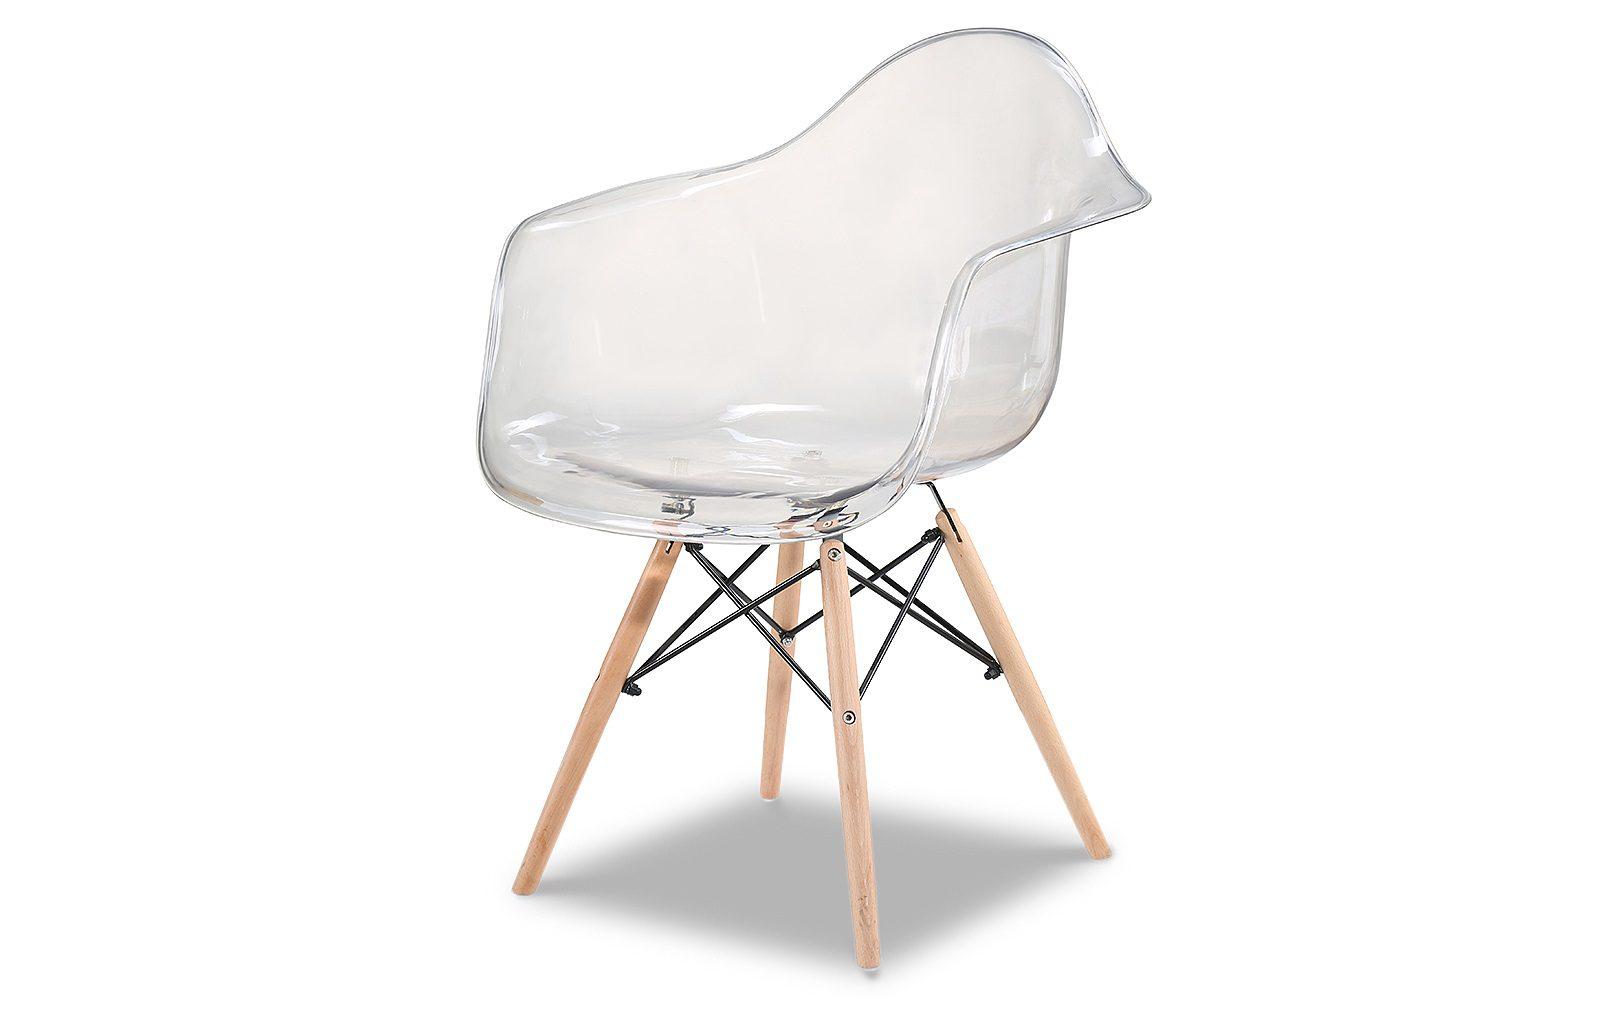 Купить Стул-кресло с прозрачным сидением, inmyroom, Китай